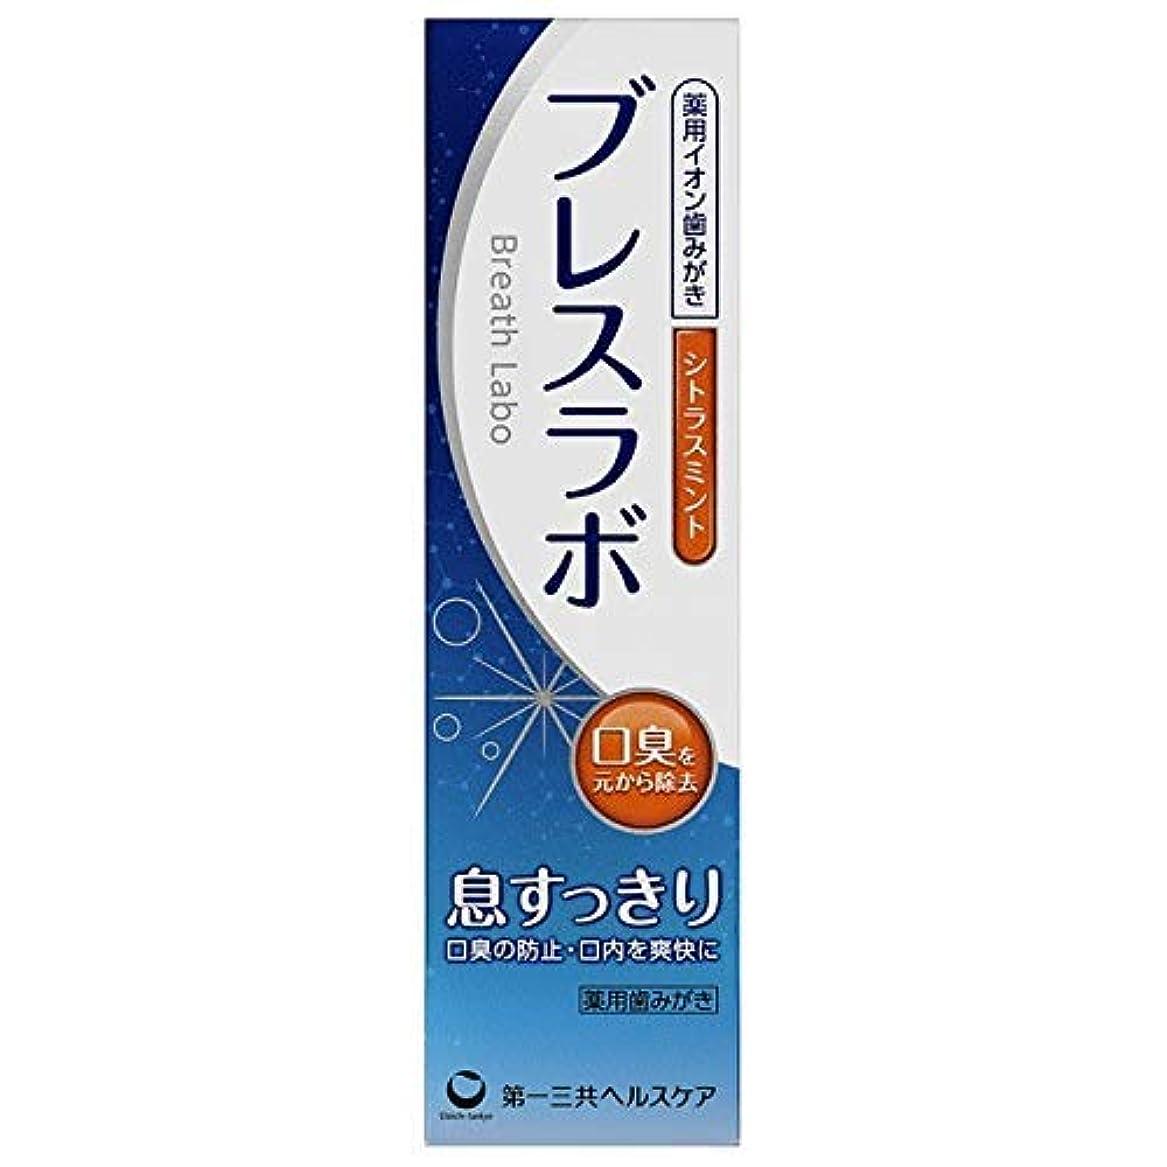 食用ホイッスル襲撃【2個セット】ブレスラボ シトラスミント 90g